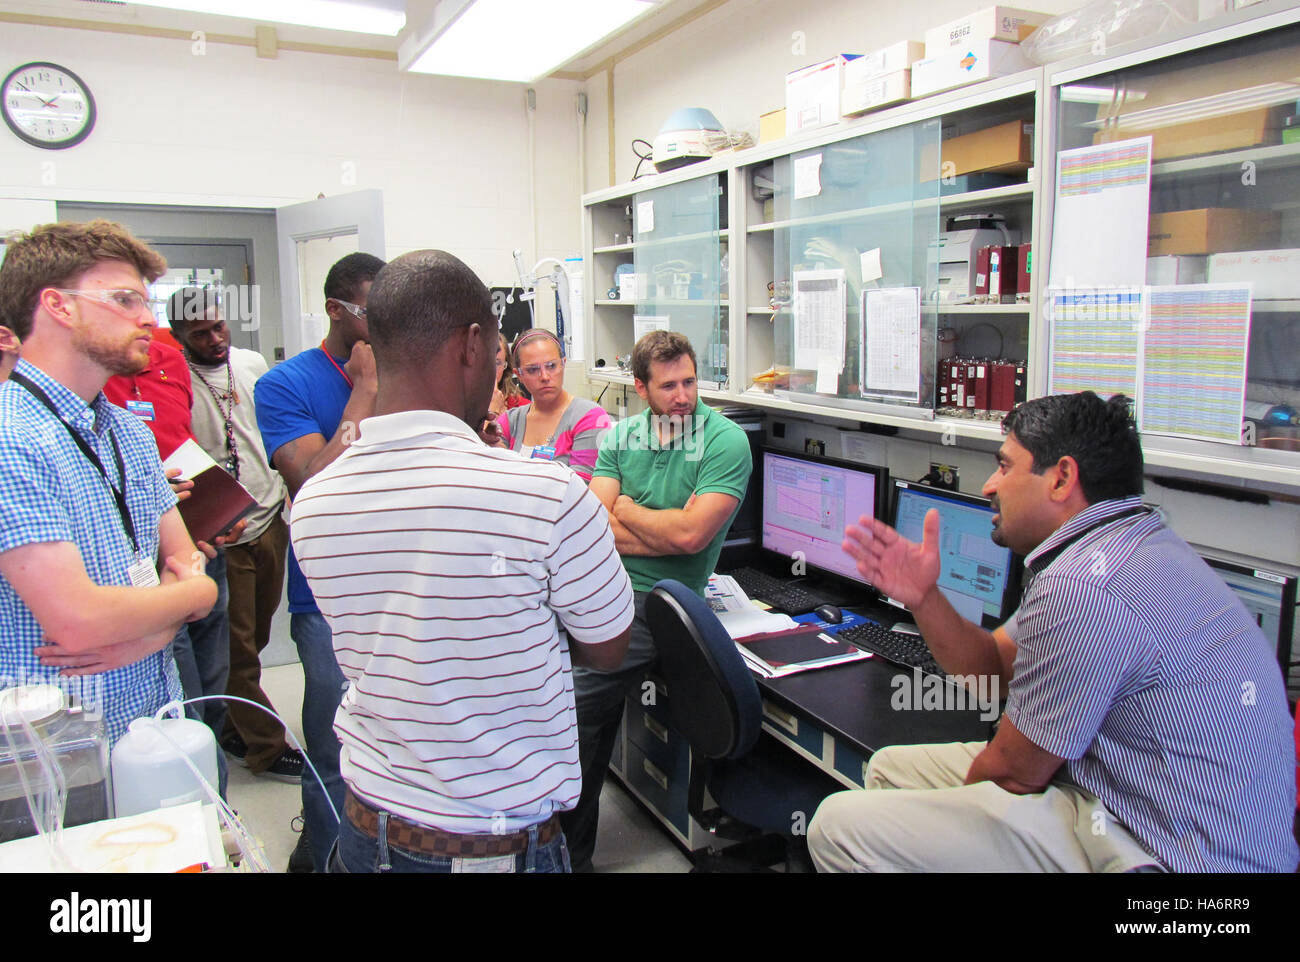 Los científicos 21418110124 losalamosnatlab enseñar curso breve sobre las pilas de combustible Imagen De Stock